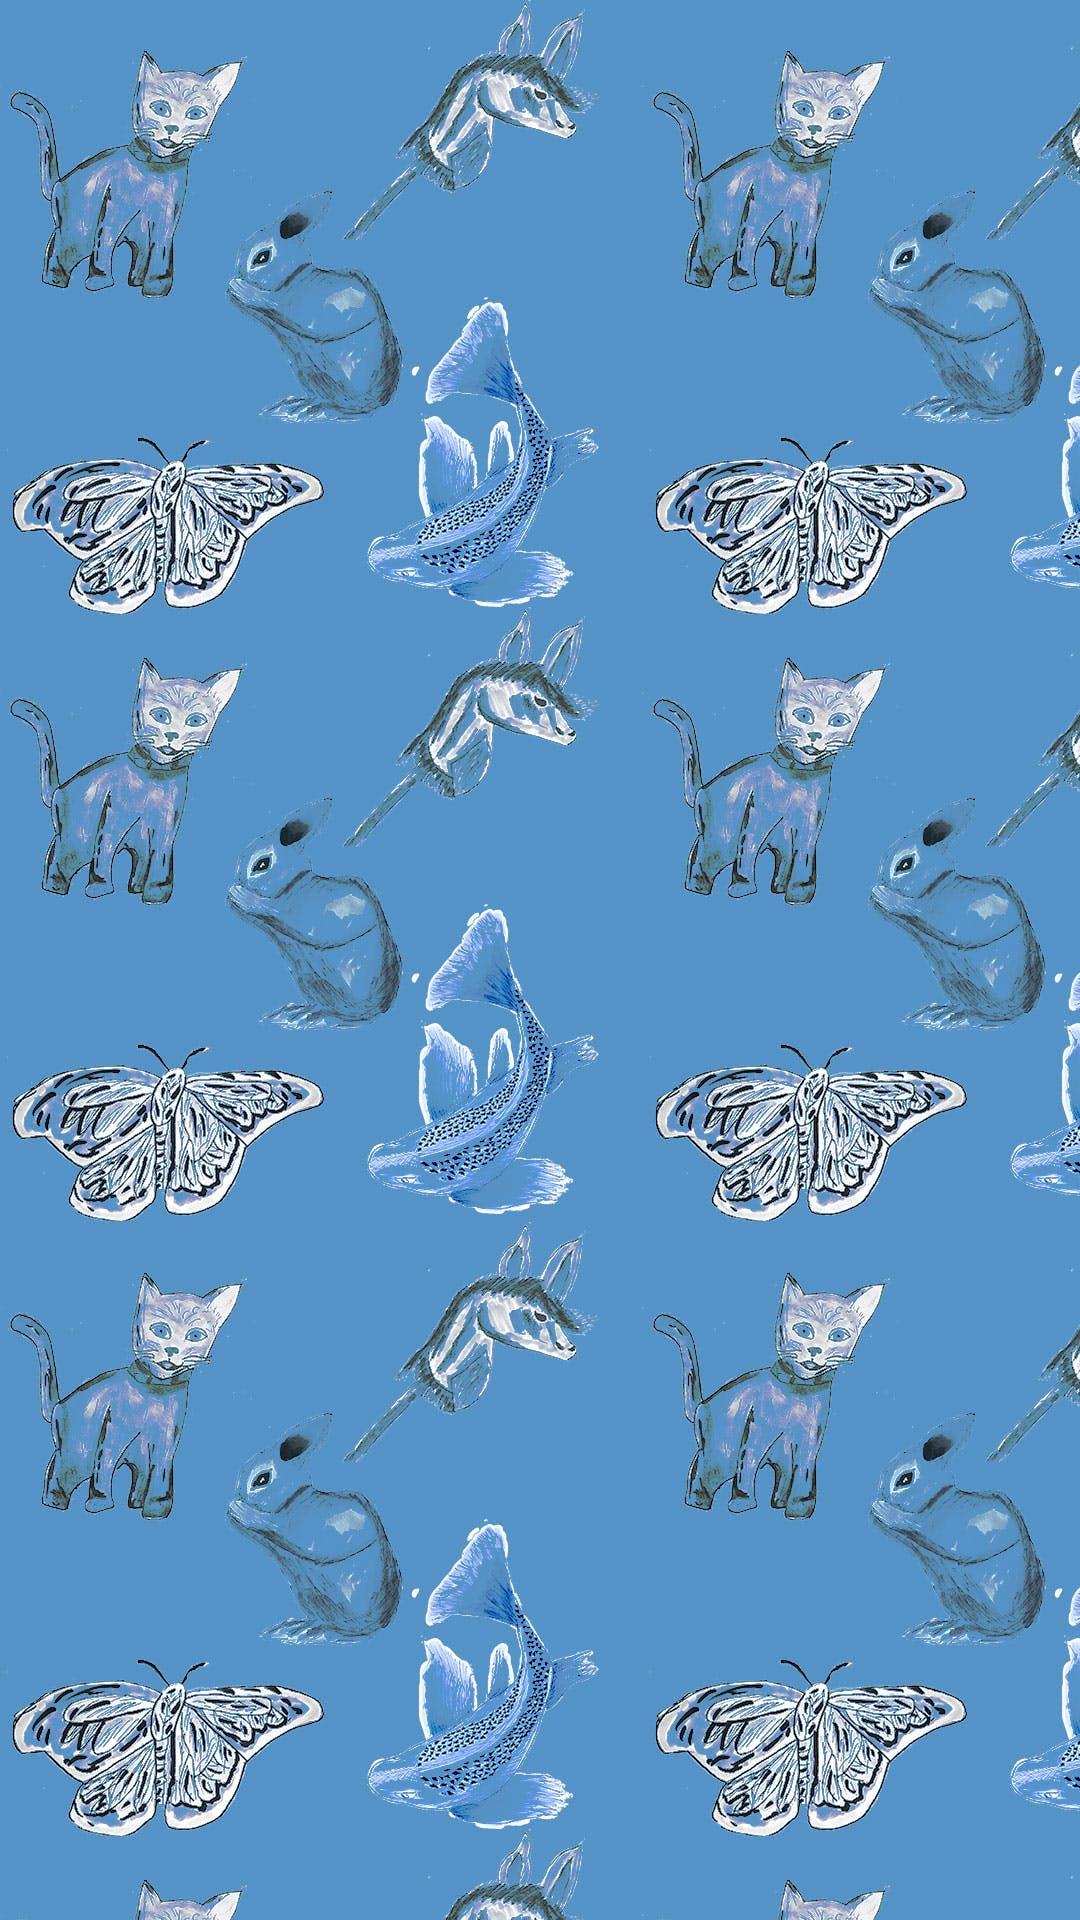 Garitma, fondo de pantalla para celular patrón de gato, conejo, pez y caballo de madera , dibujo marcador sobre papel